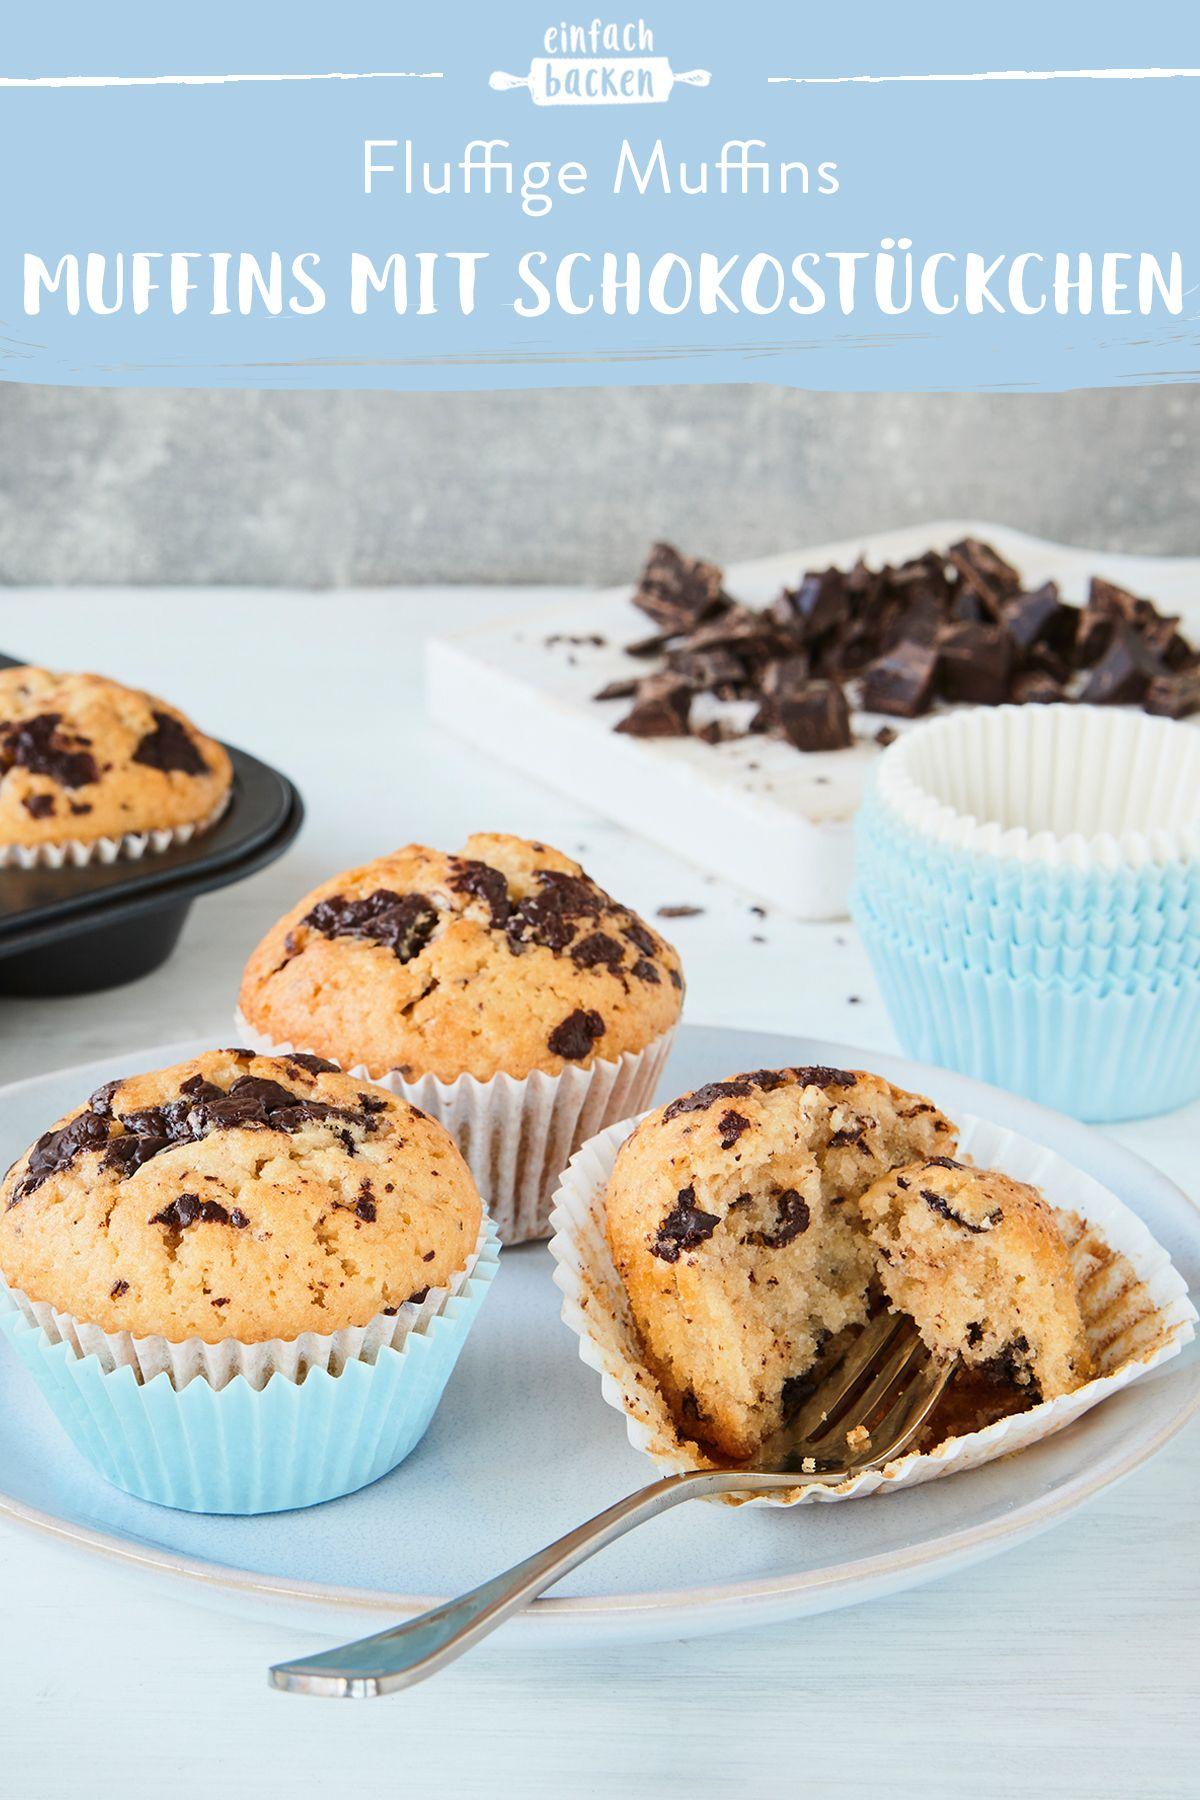 04011fad3ee9a131f0431d499c987a44 - Einfache Muffins Rezepte